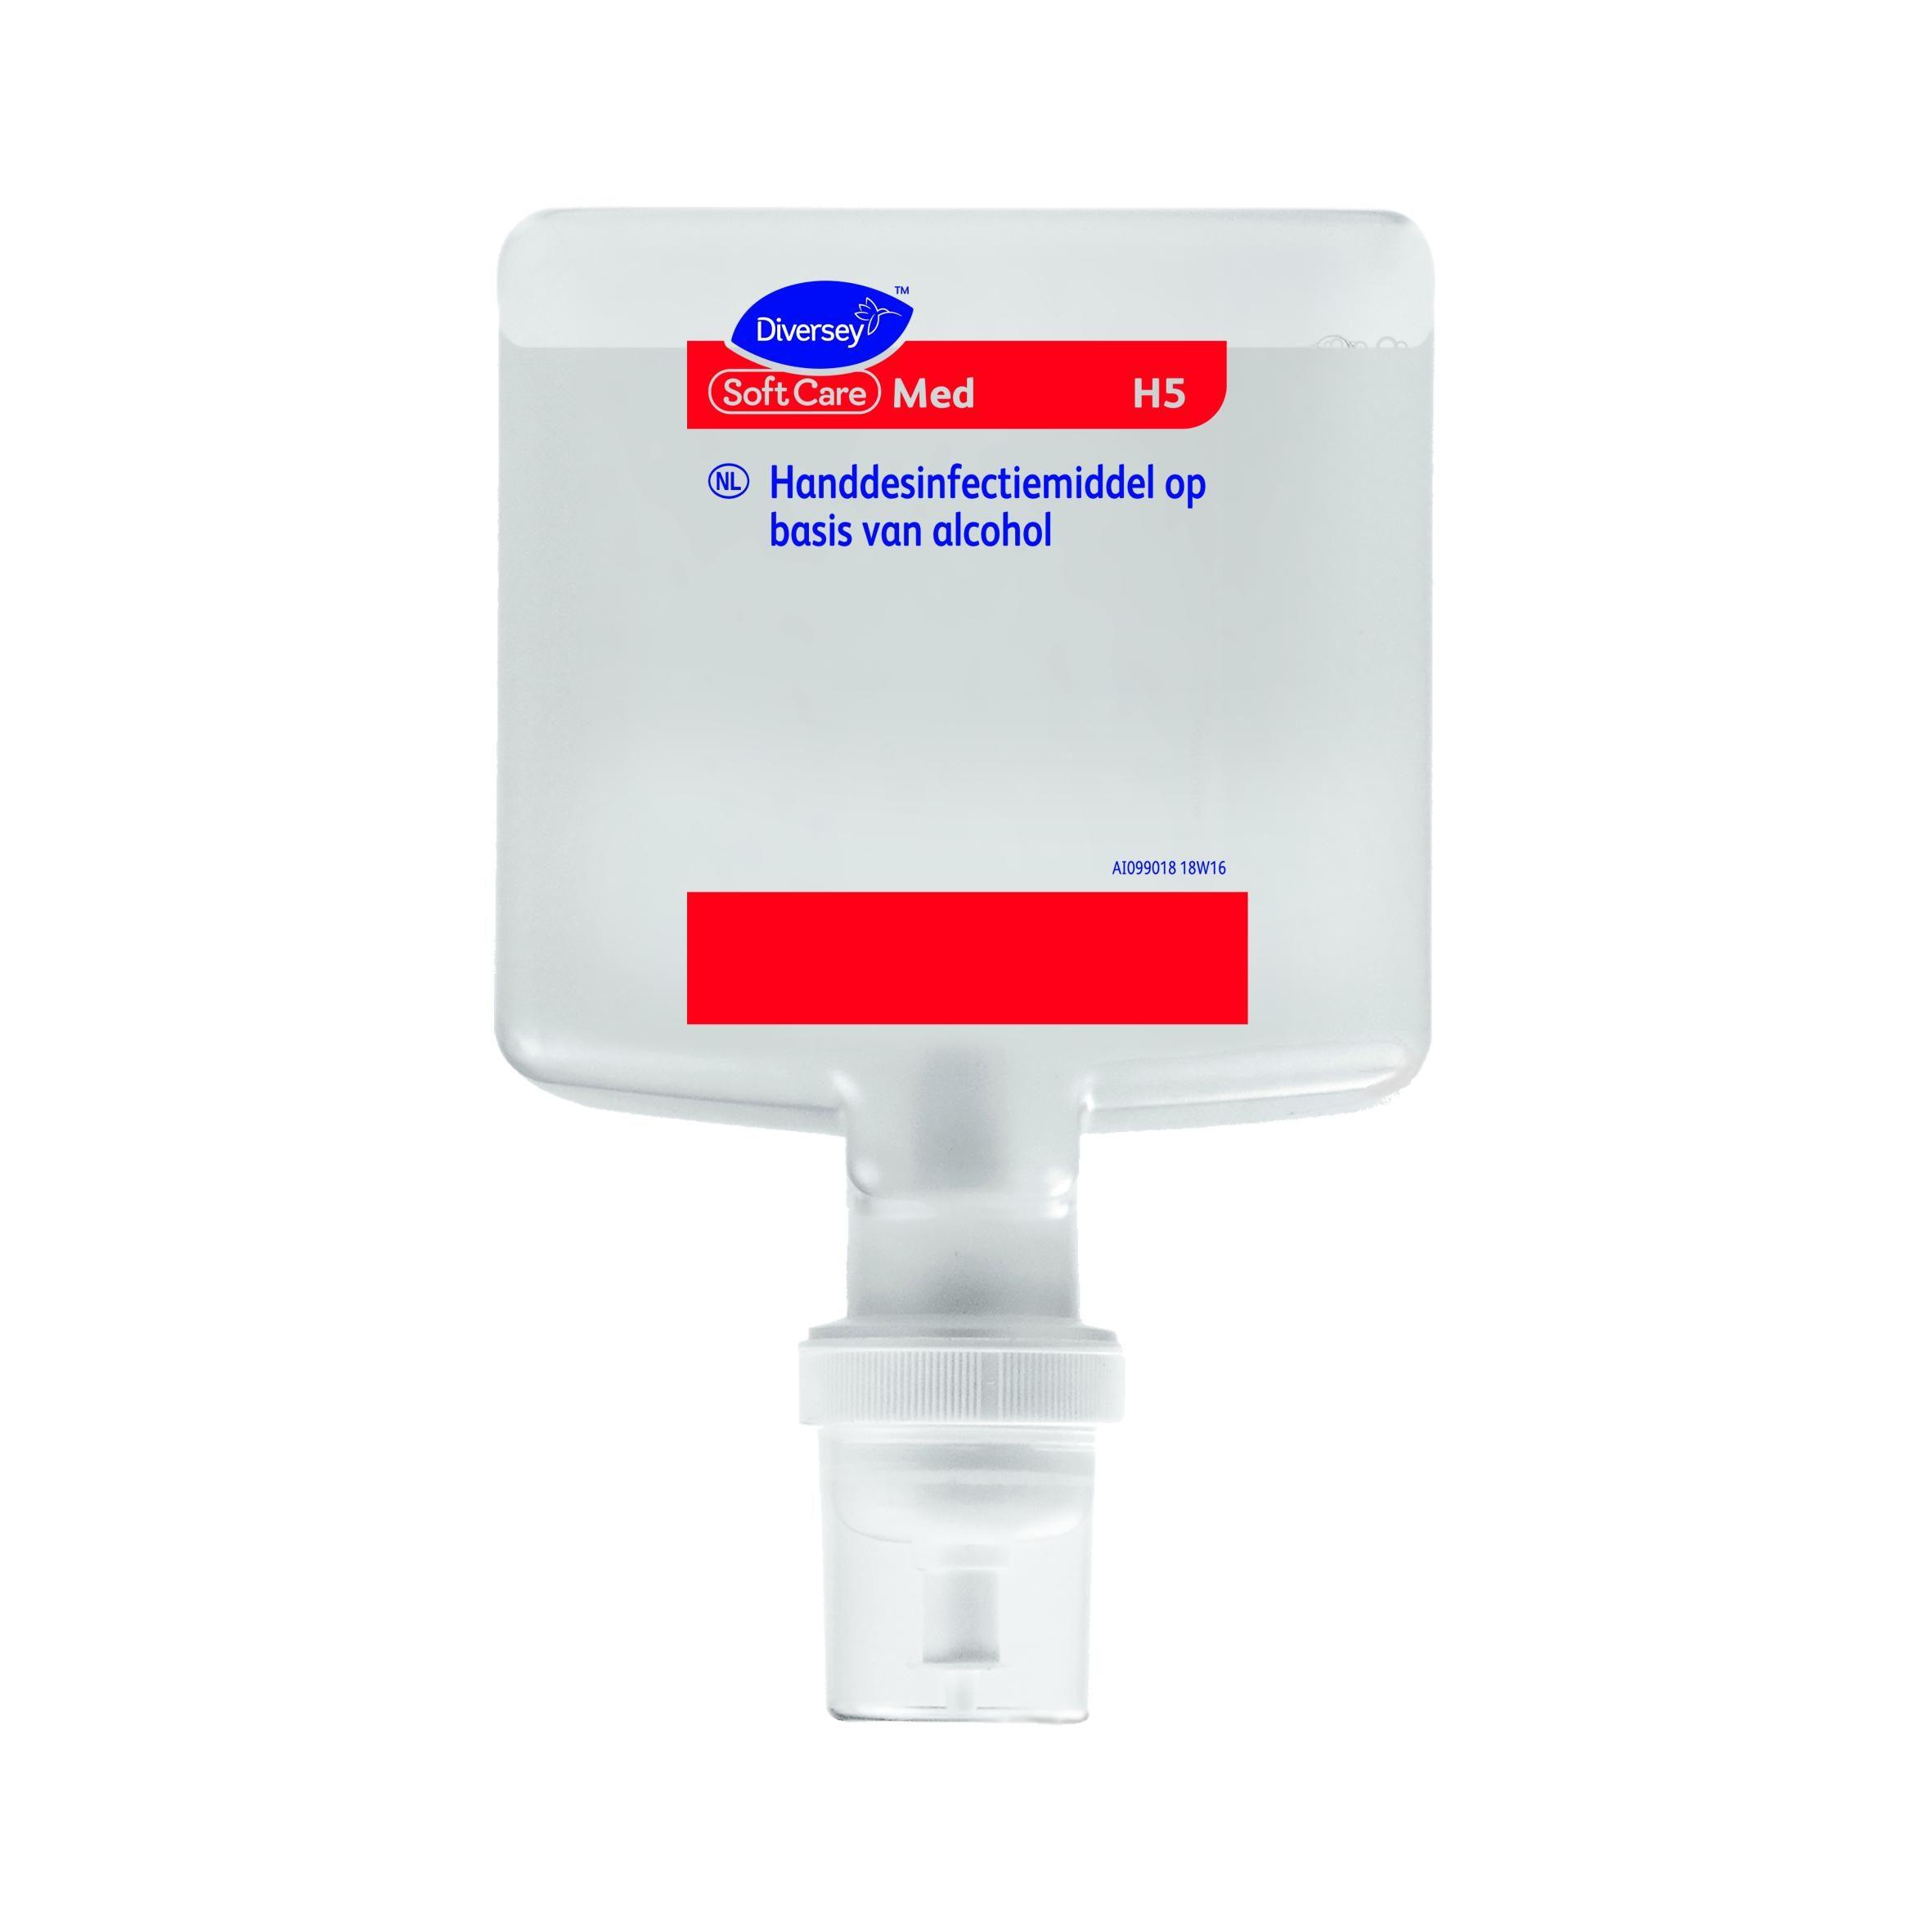 100947842-Soft-care-Med-H5-1.3L-CMYK-20x20cm.jpg